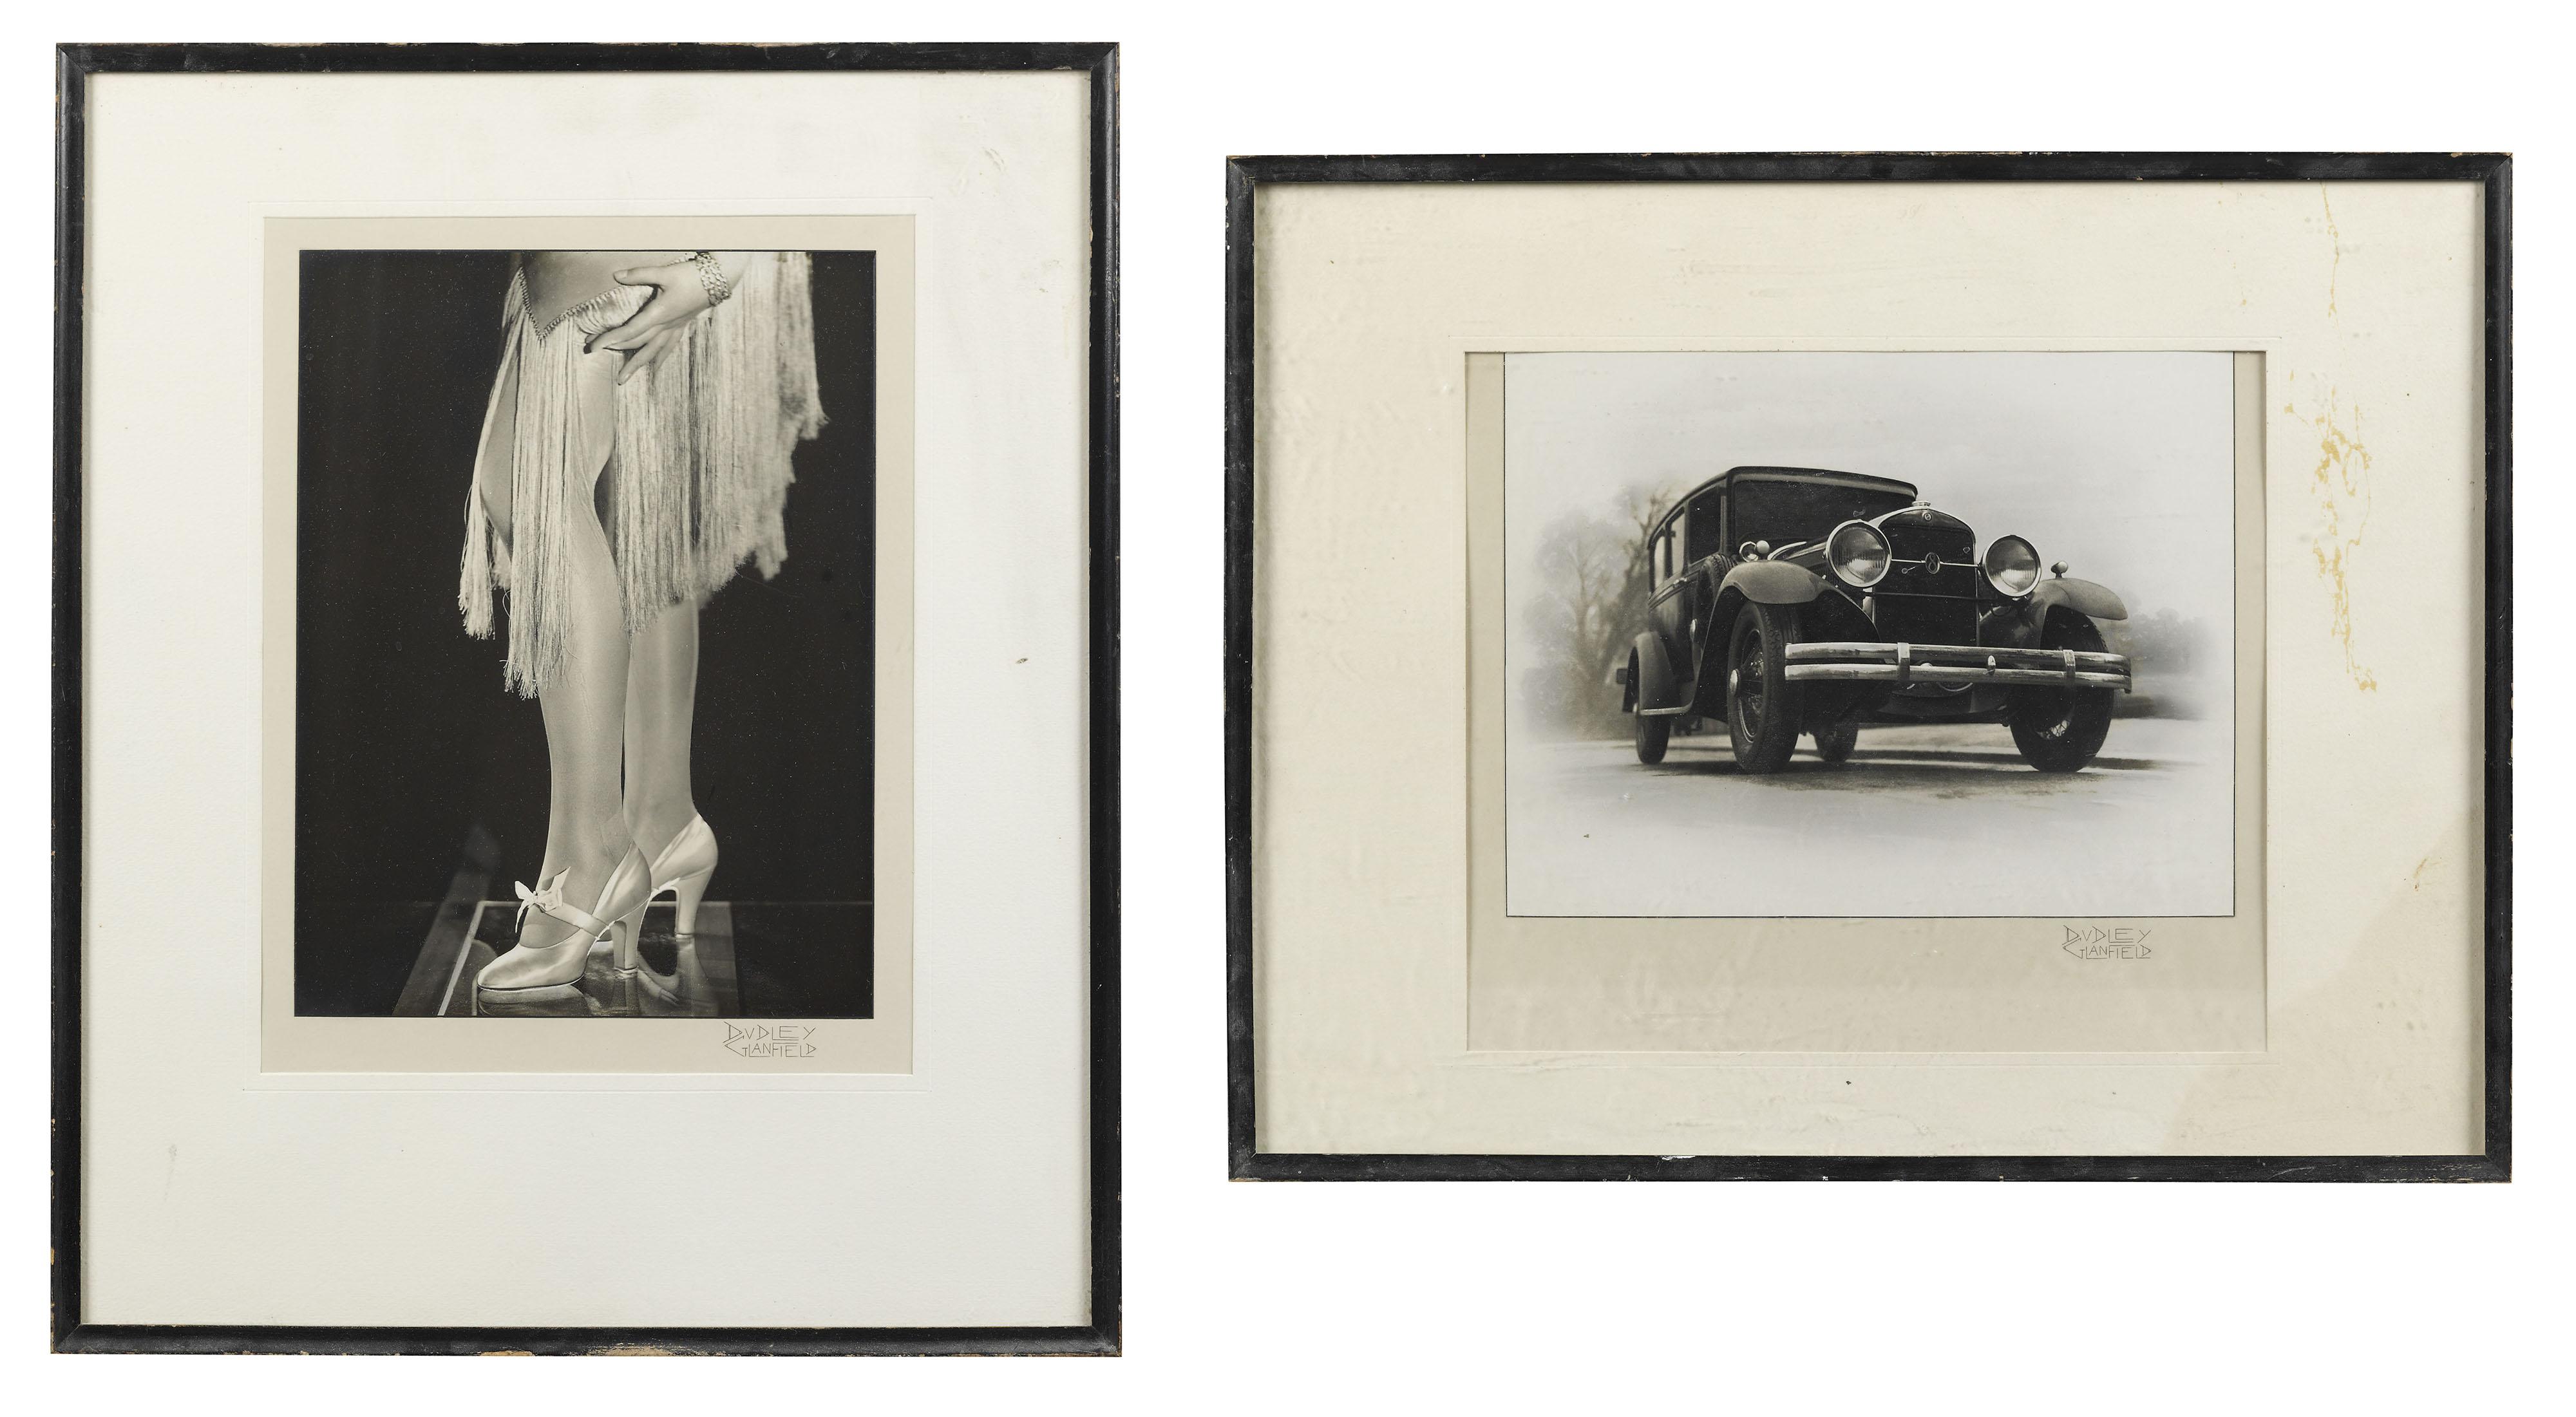 FIVE FRAMED PHOTOGRAPHS